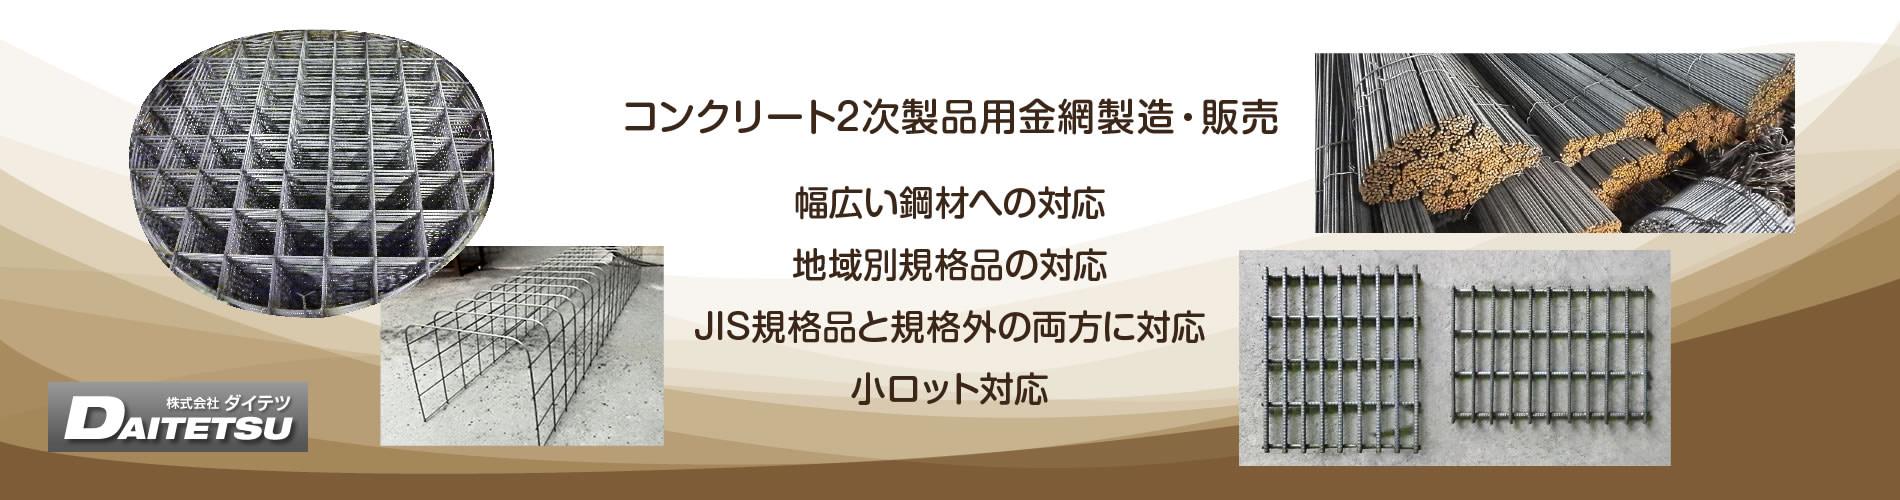 コンクリート2次製品用の金網 JIS規格品と規格外の両方に対応